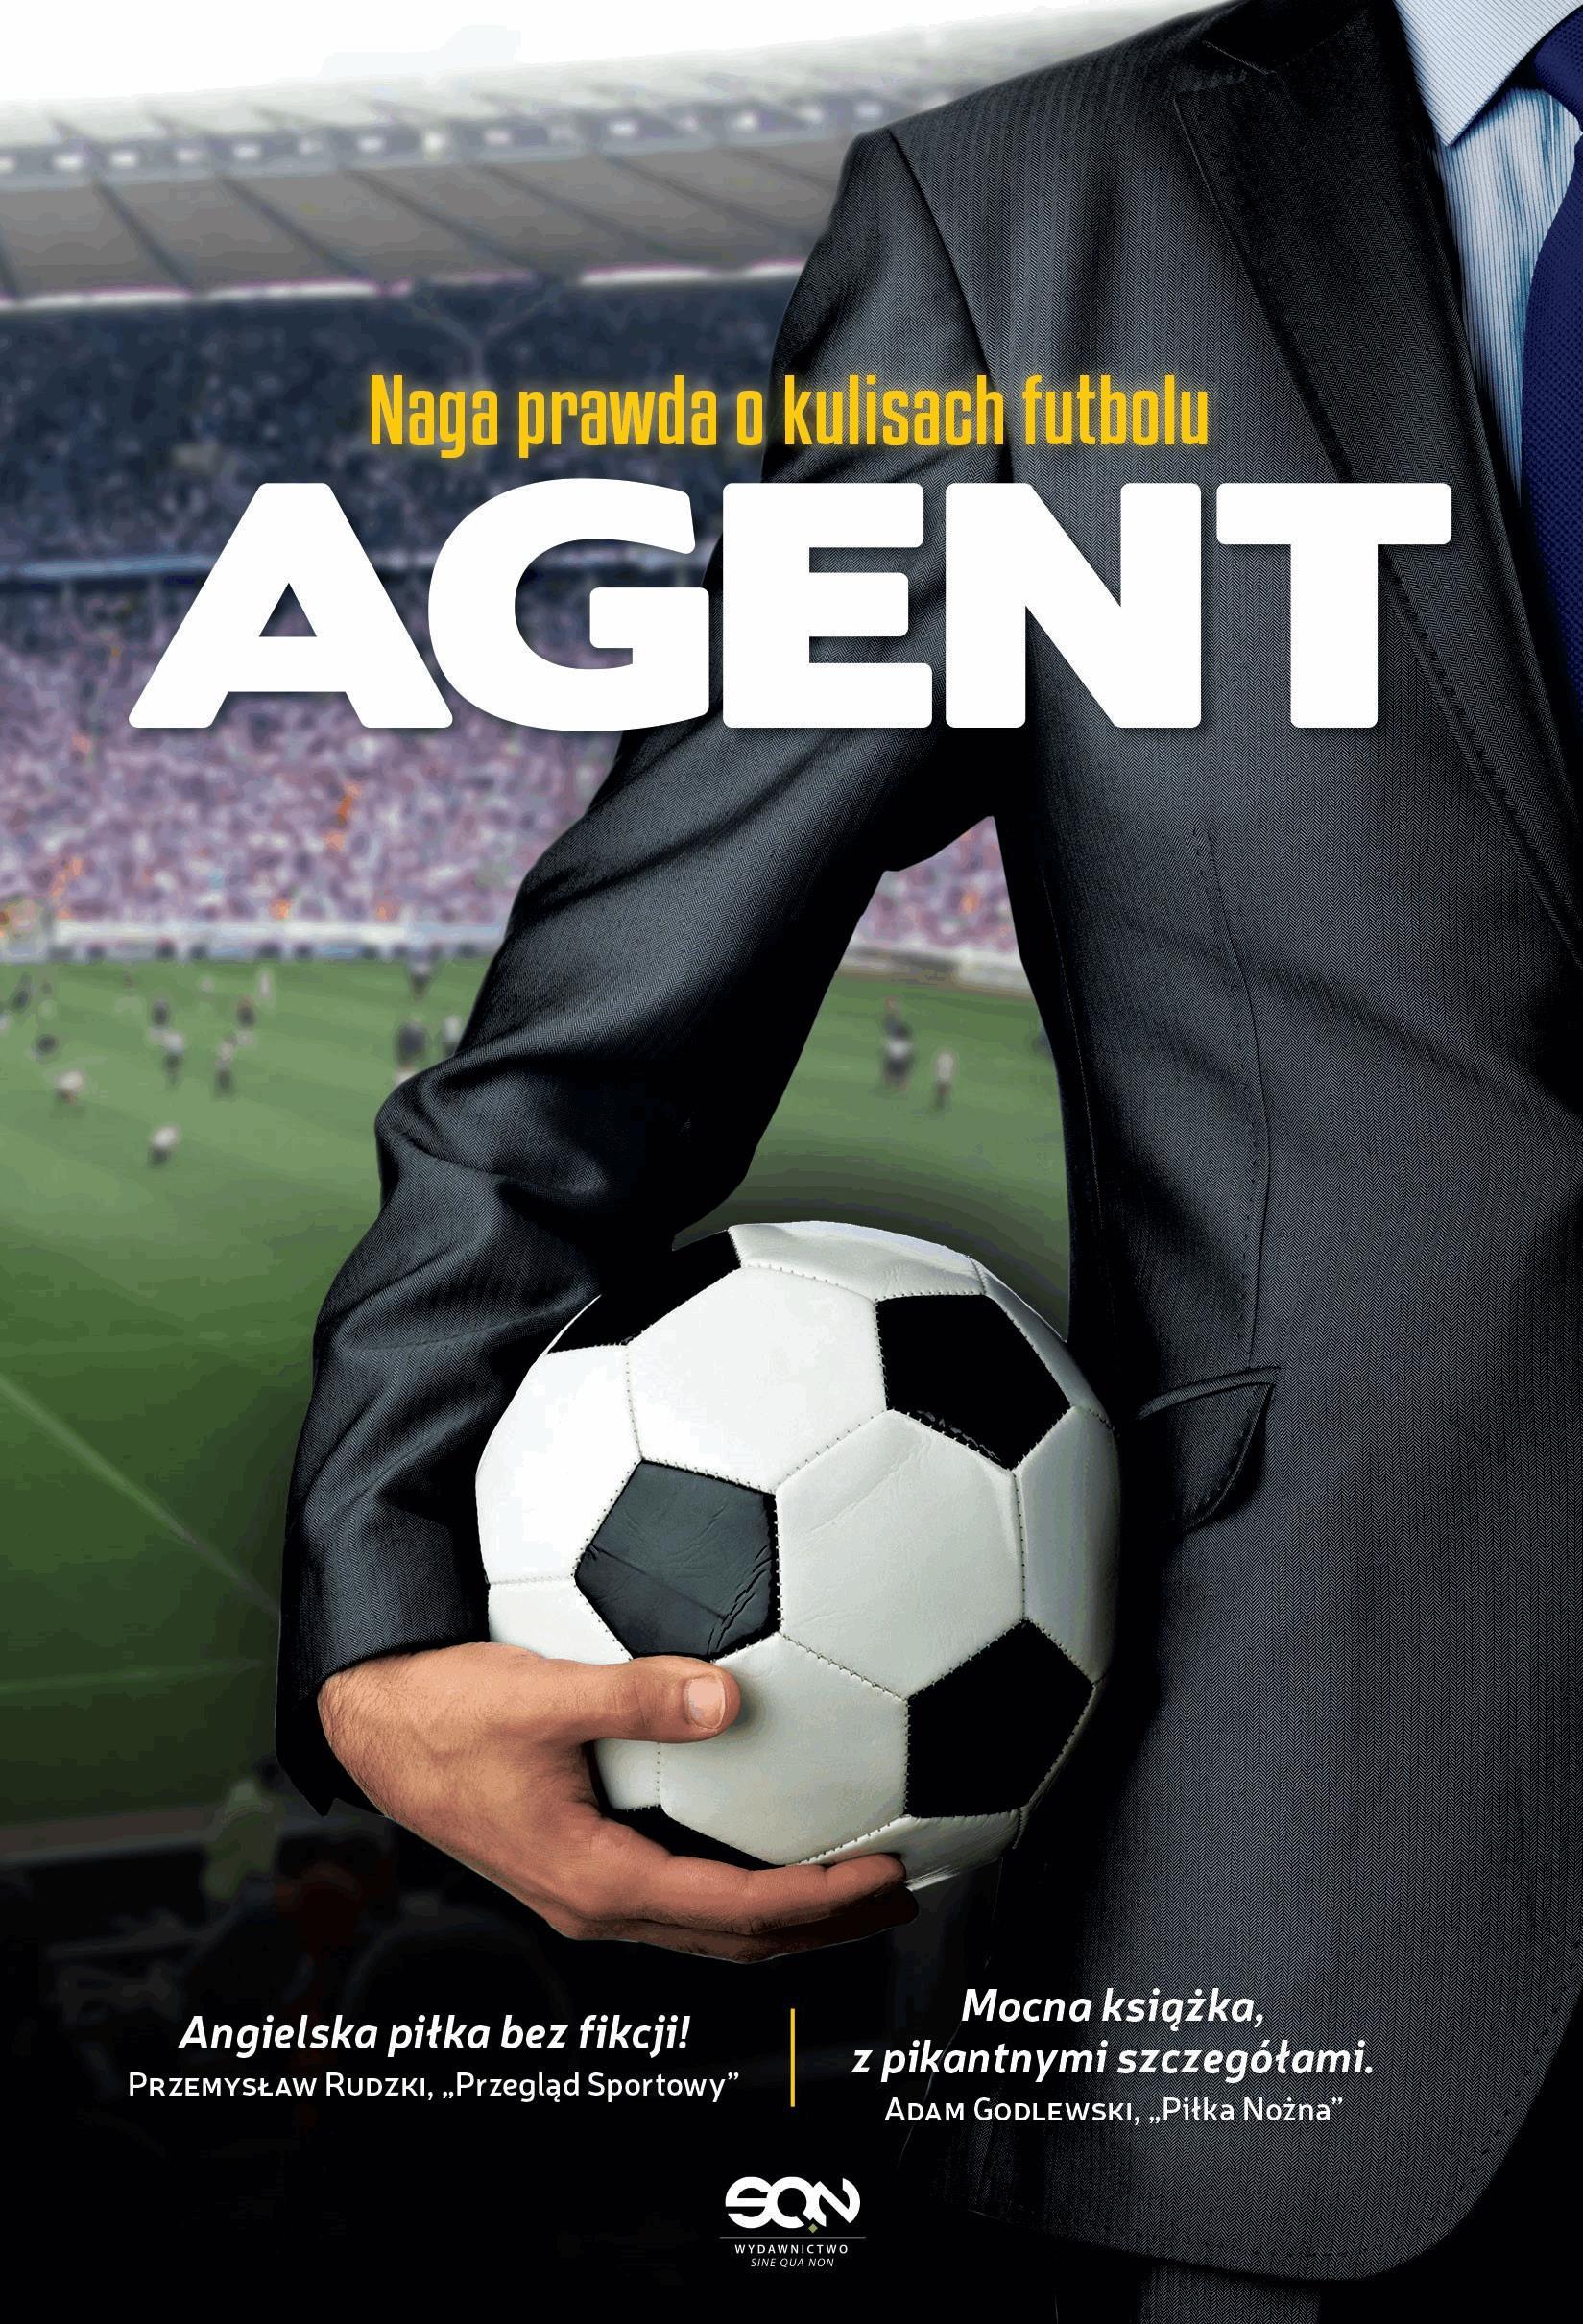 Agent. Naga prawda o kulisach futbolu - Tylko w Legimi możesz przeczytać ten tytuł przez 7 dni za darmo. - Anonimowy agent